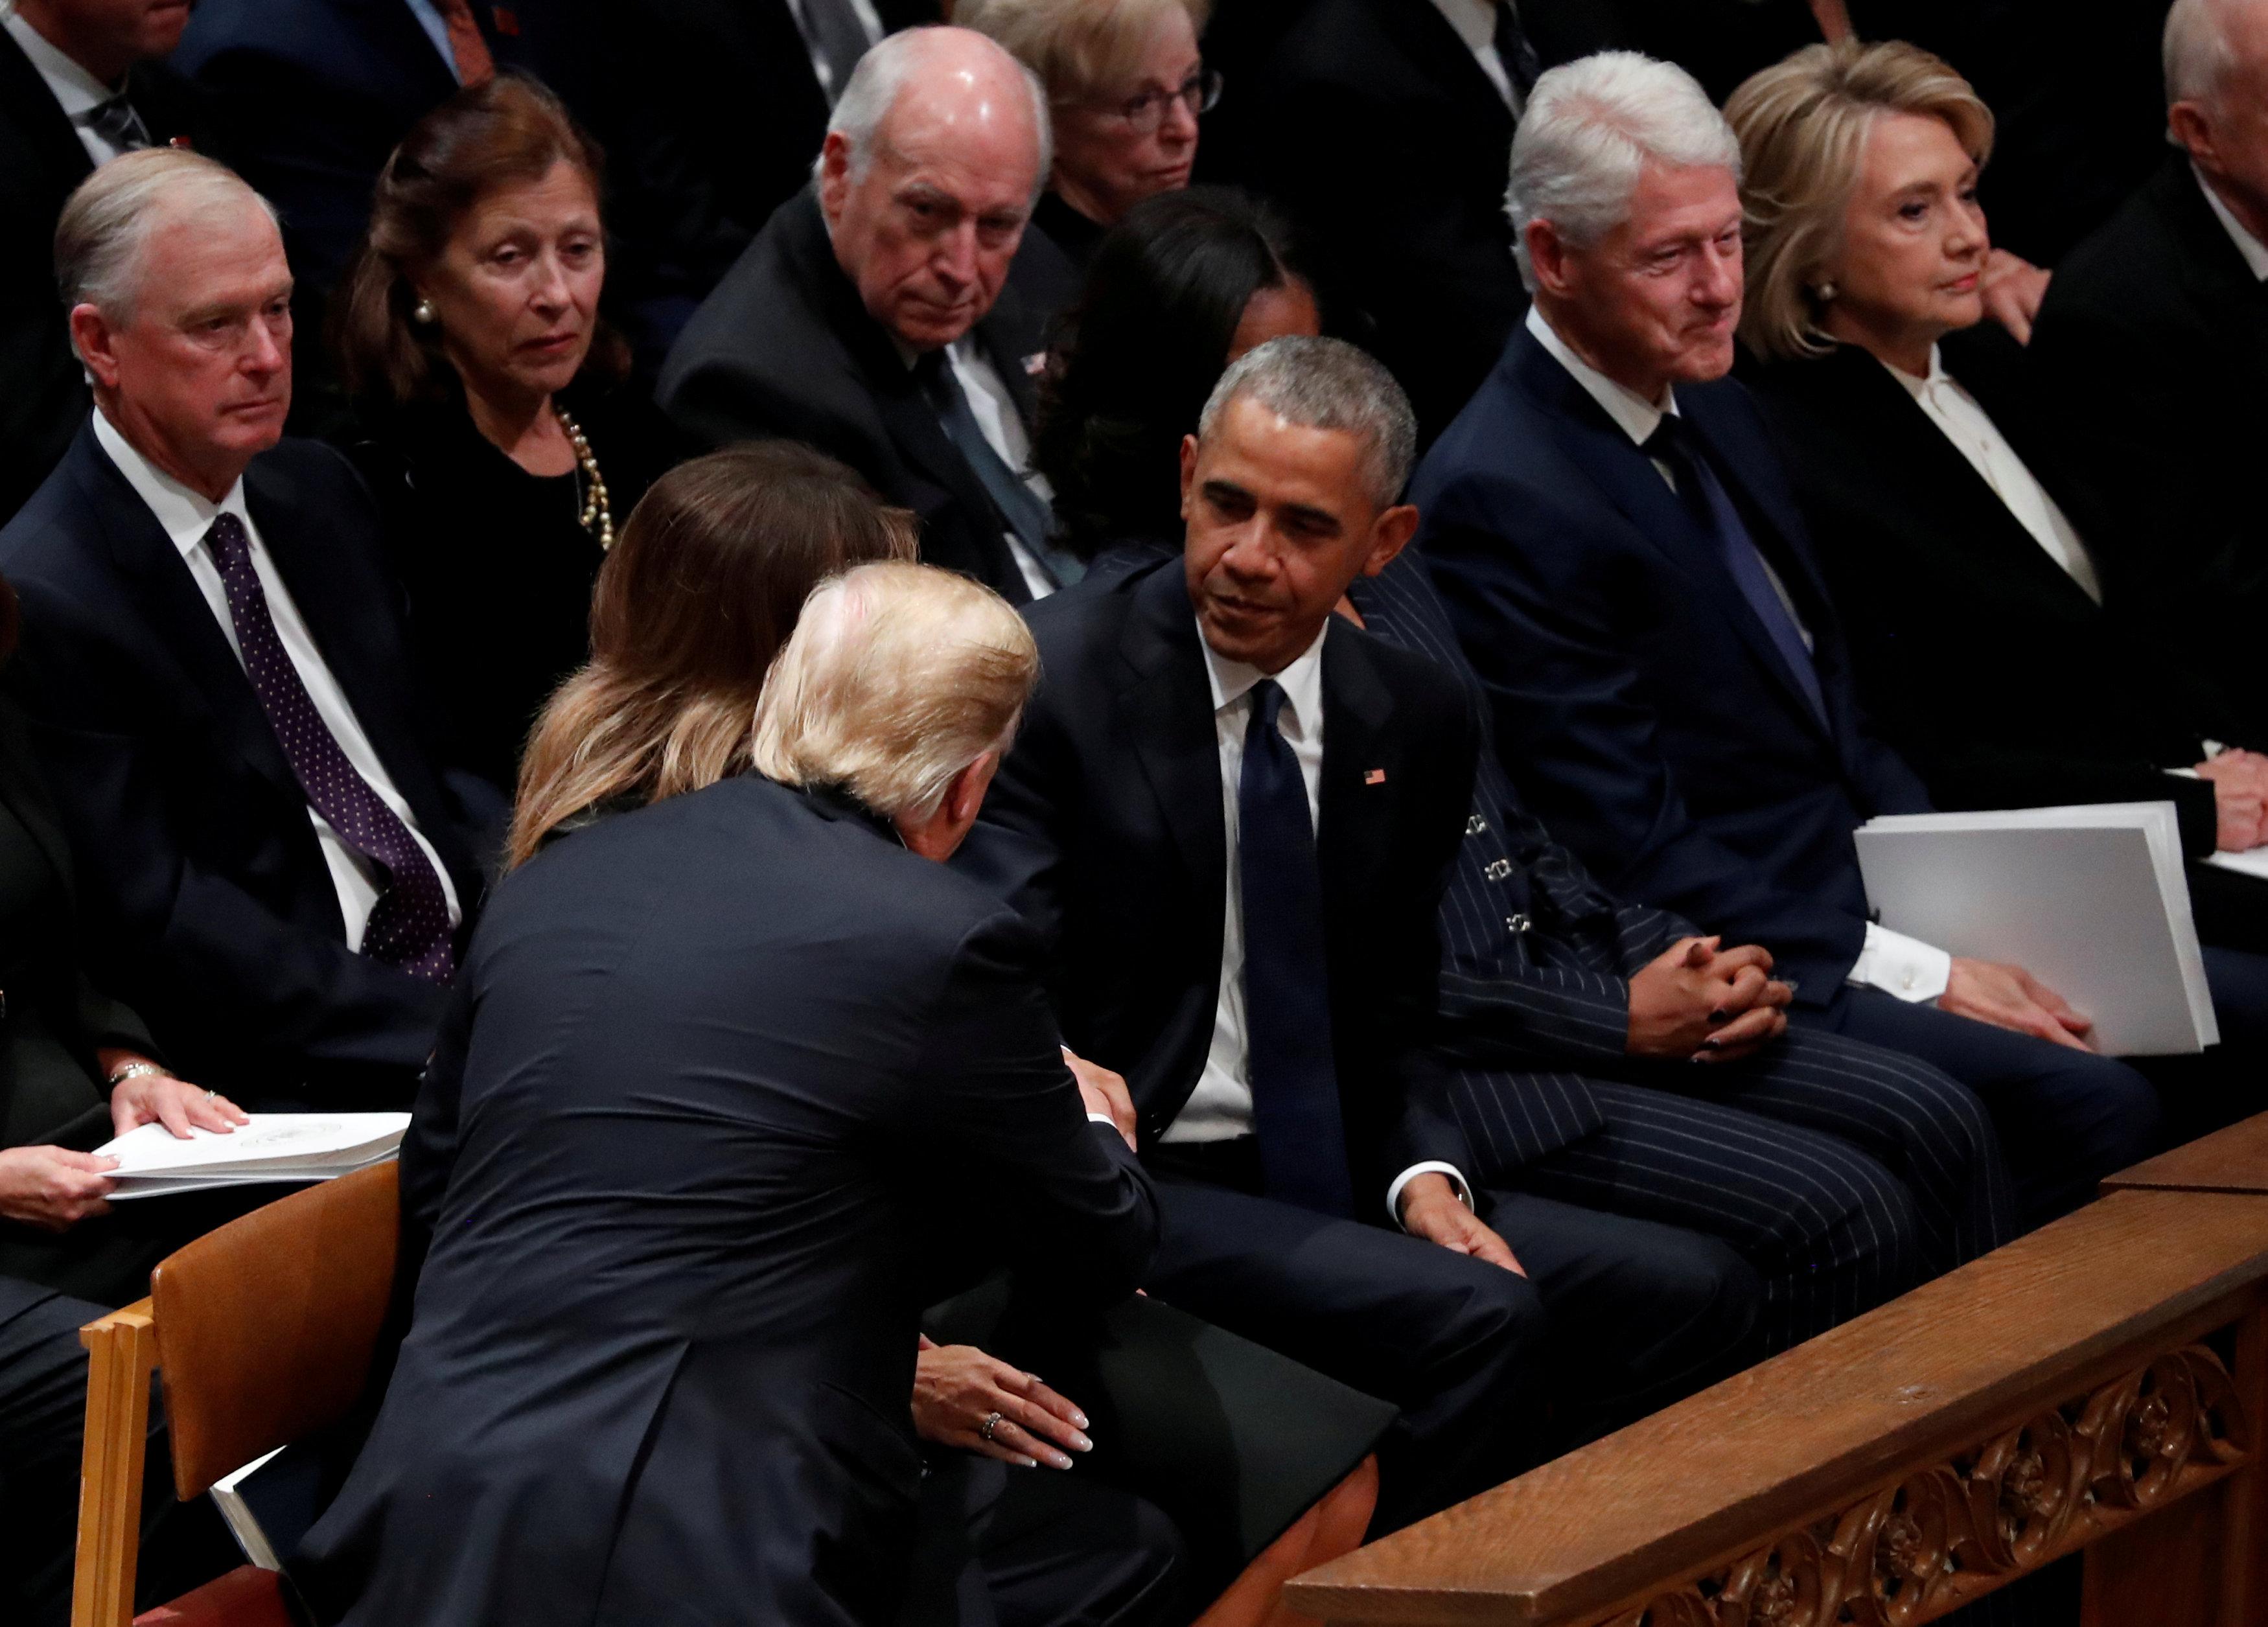 انطلاق مراسم جنازة الرئيس الأمريكى جورج بوش الأب (10)